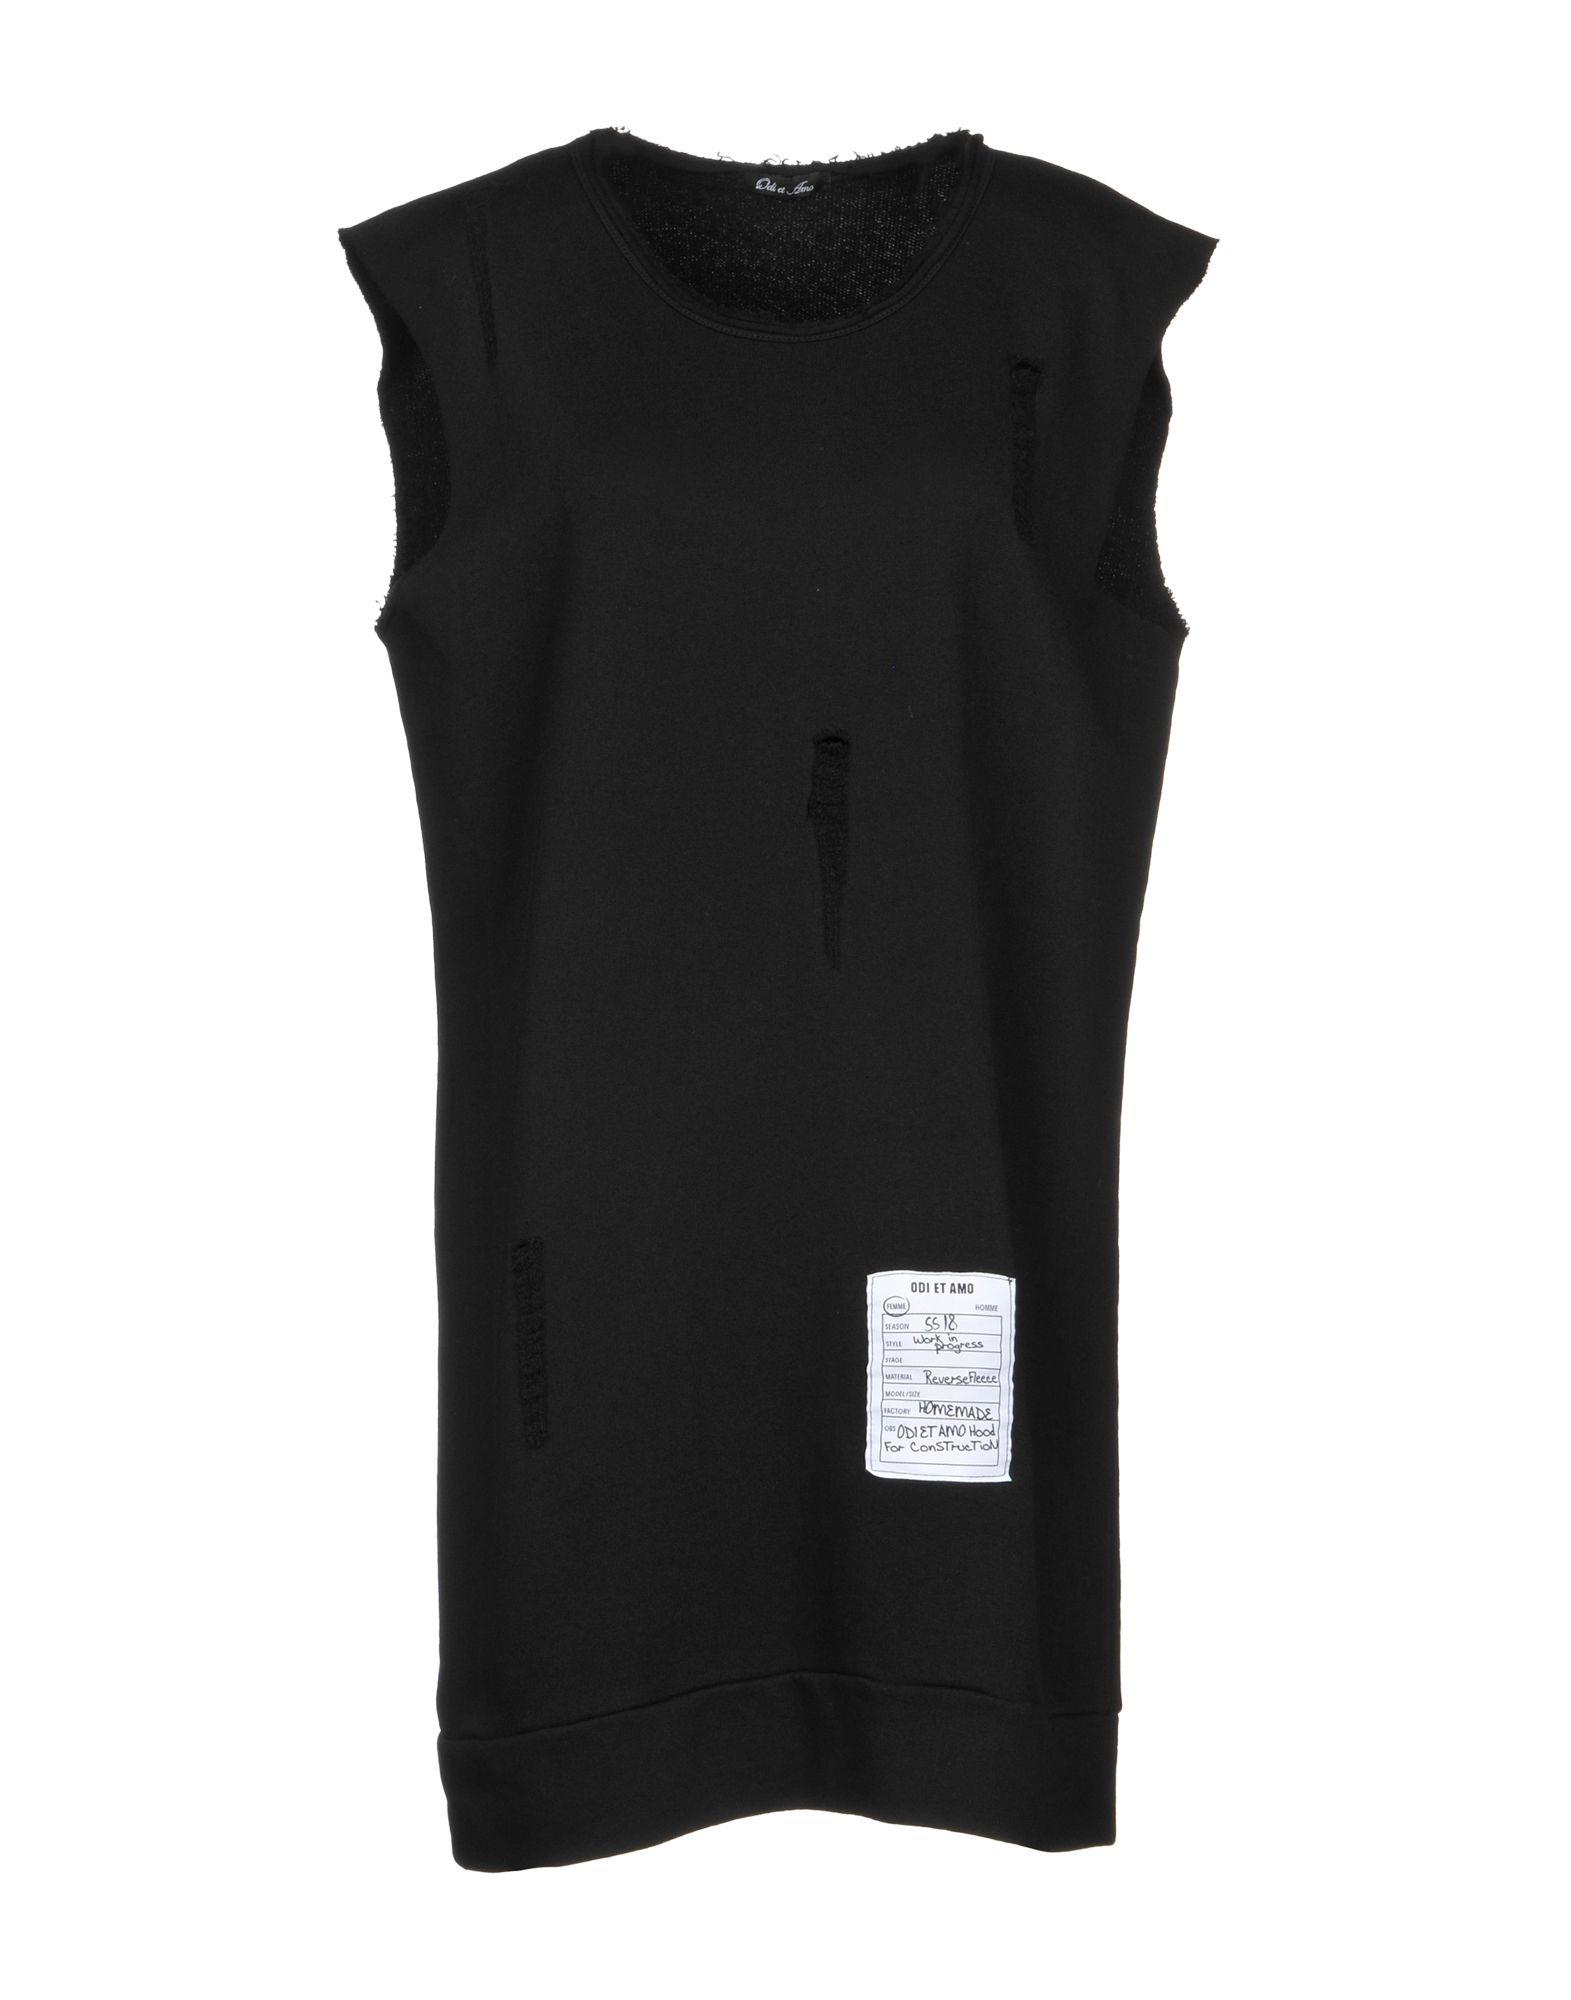 《期間限定セール中》ODI ET AMO レディース スウェットシャツ ブラック S コットン 100%